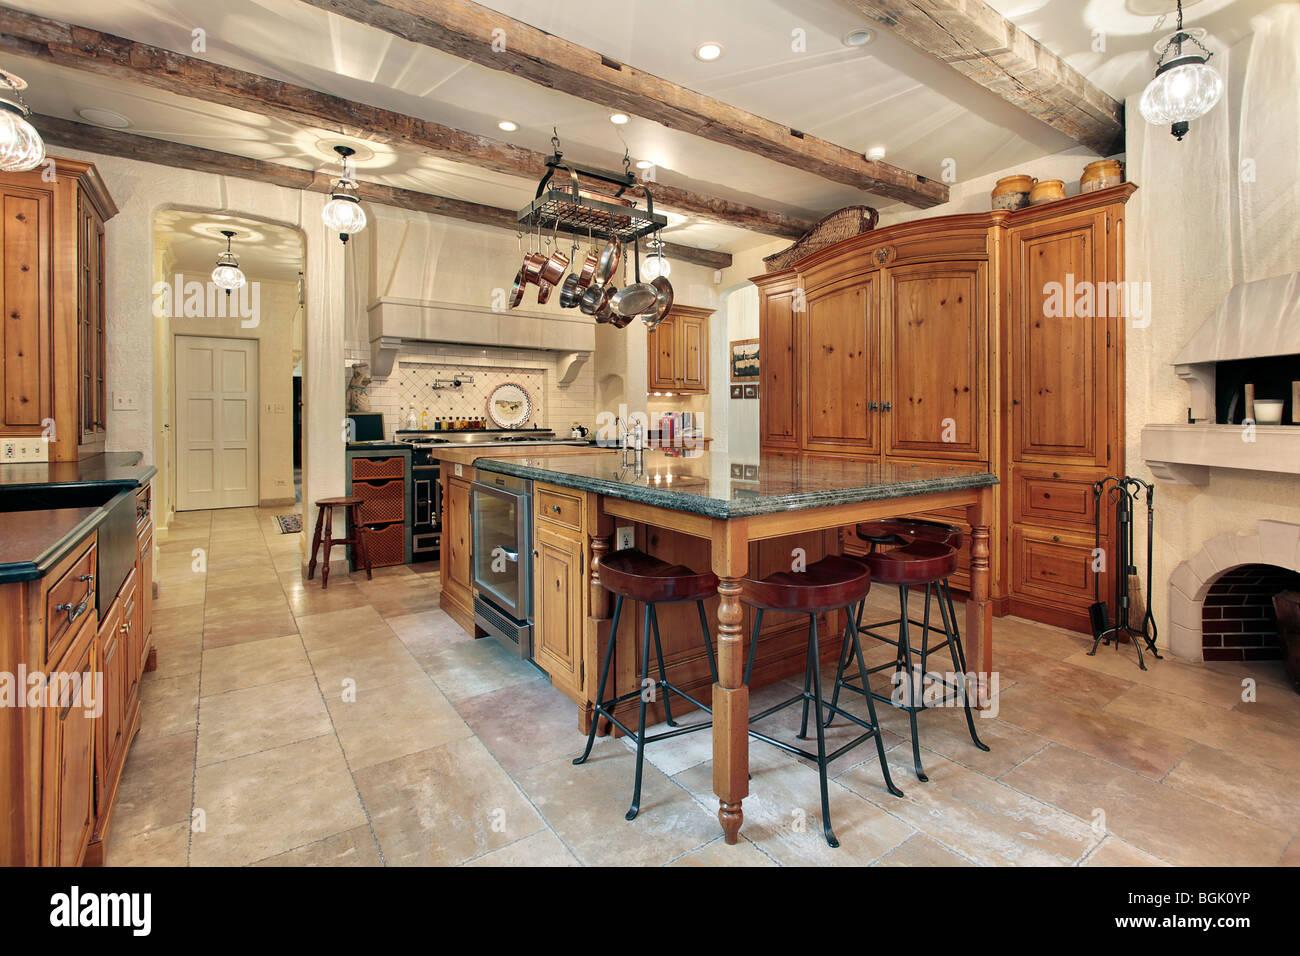 landhausk che in luxus haus mit holz deckenbalken stockfoto bild 27462730 alamy. Black Bedroom Furniture Sets. Home Design Ideas